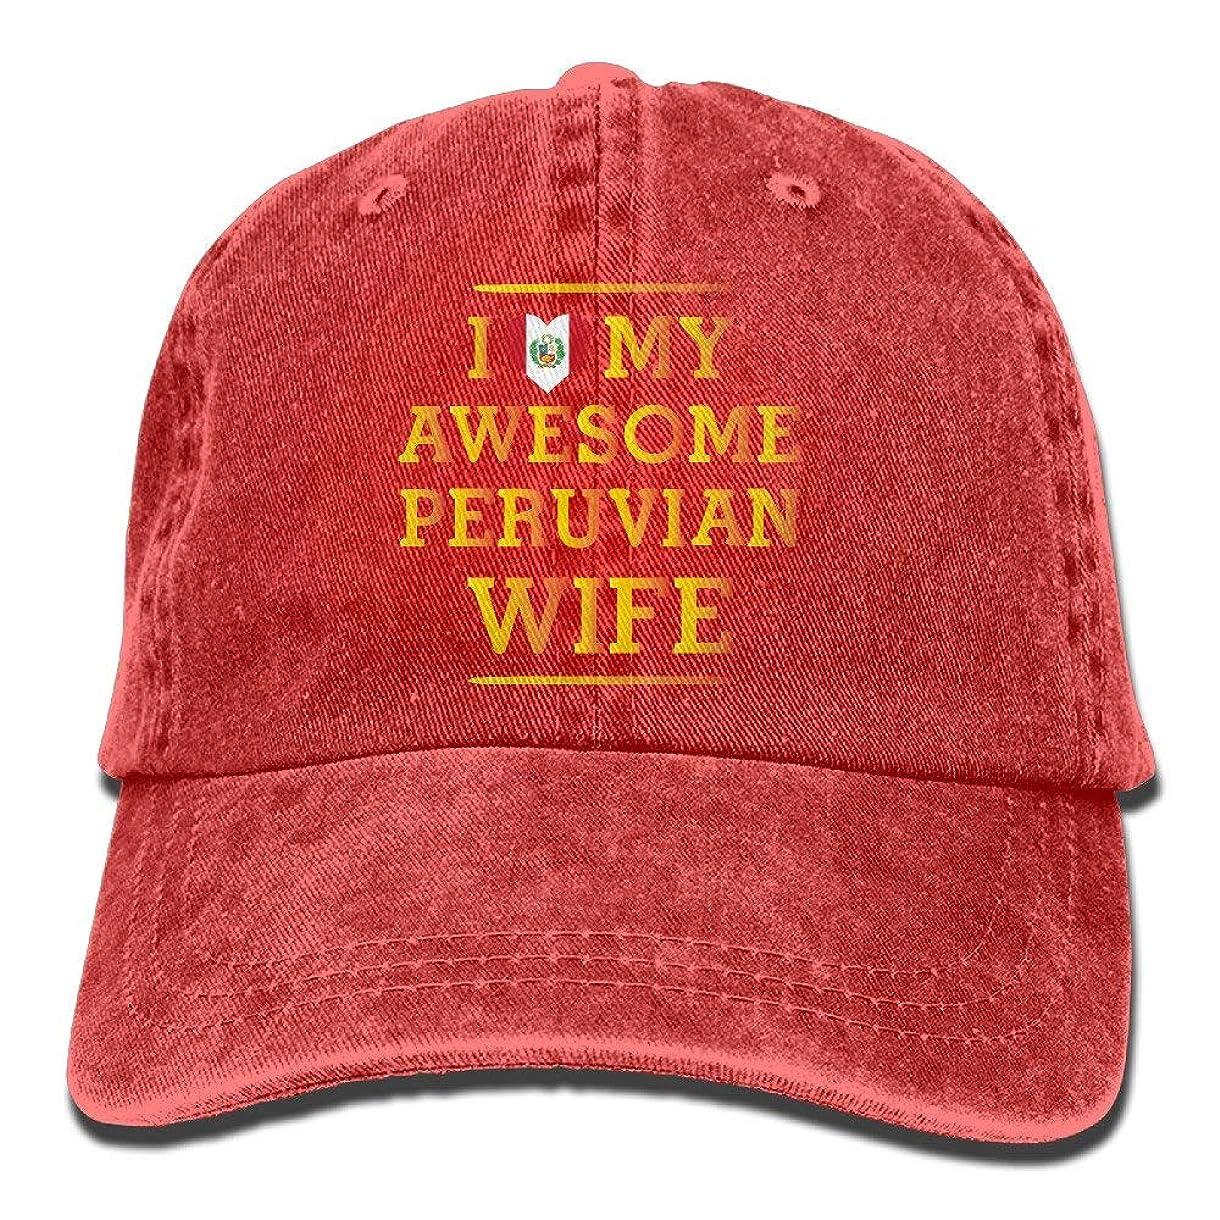 南西アトラステスト私は素晴らしいペルーの妻ユニセックス大人のデニムを洗ったカウボーイトラッカーハットレトロ調節可能な野球帽が大好き